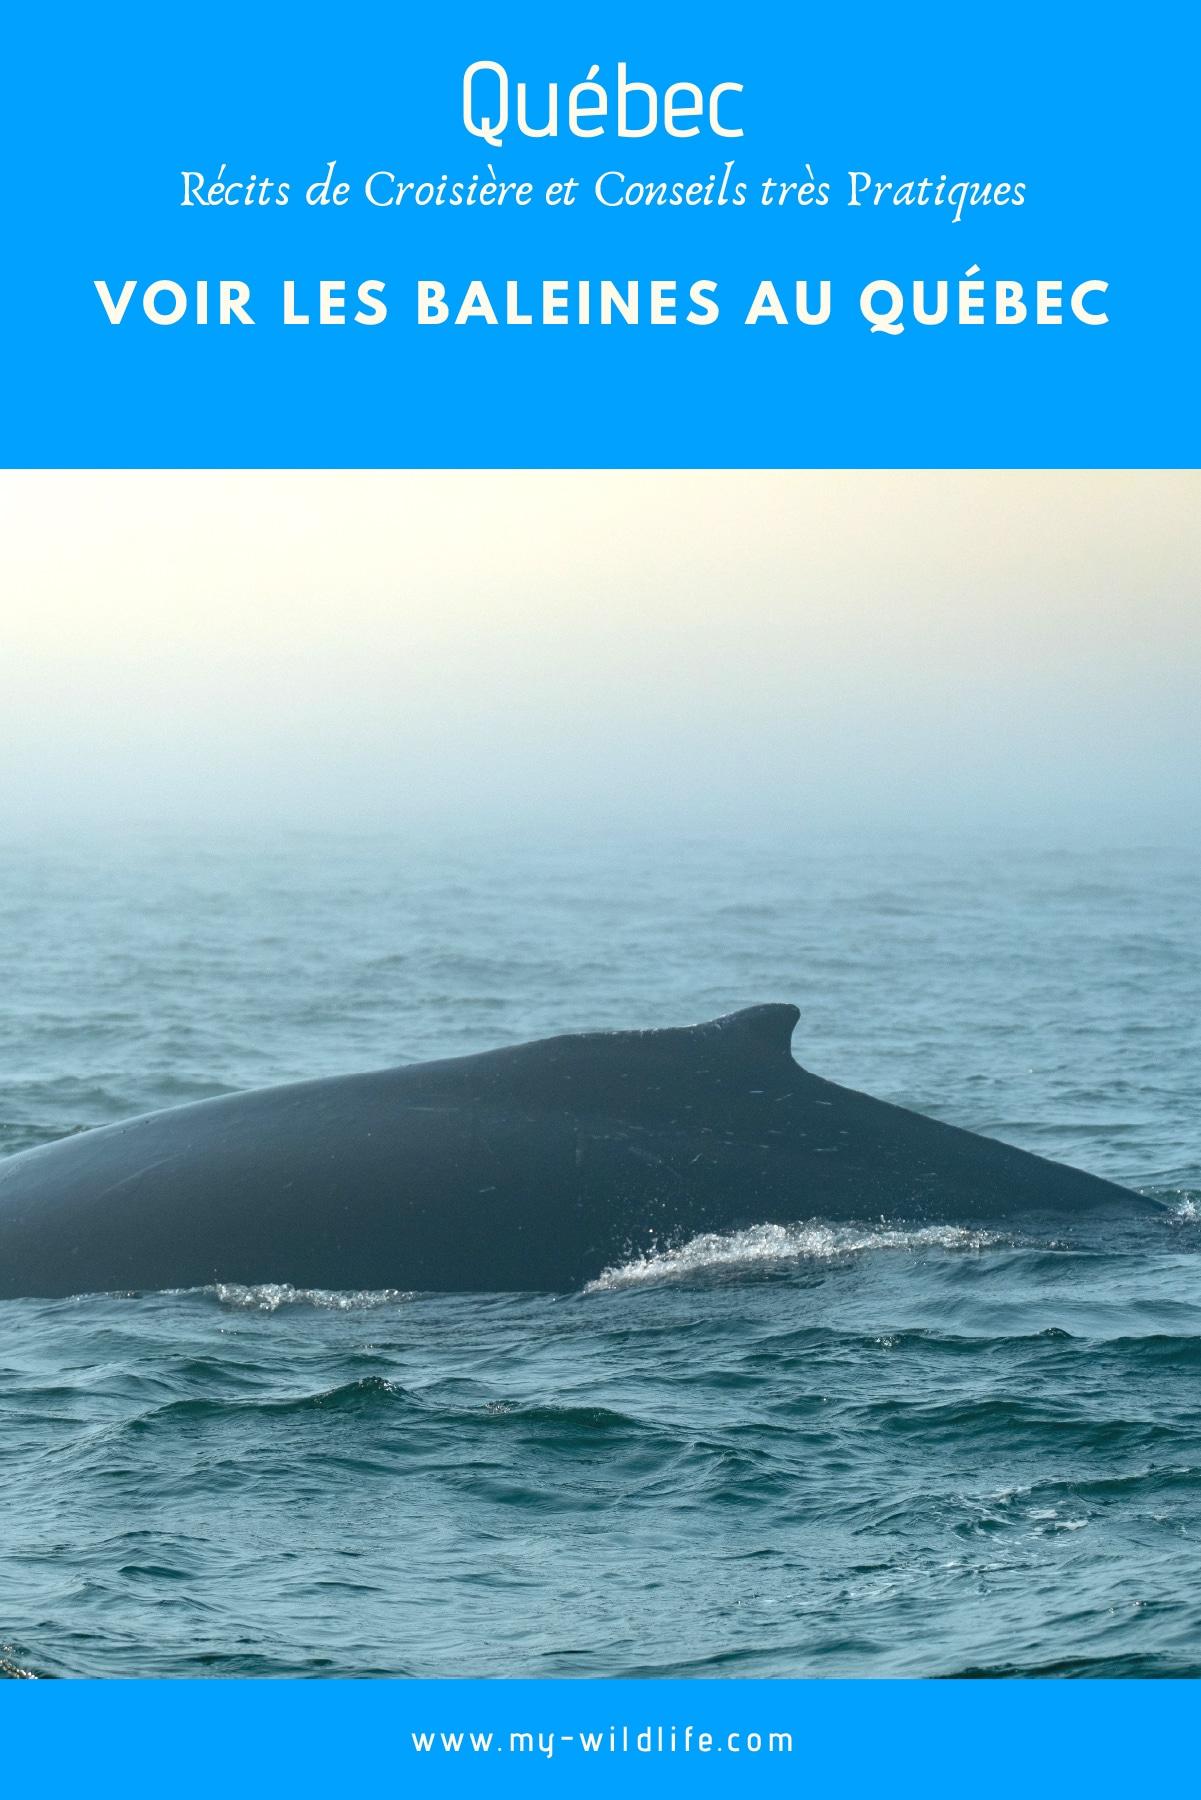 baleine-quebec-03